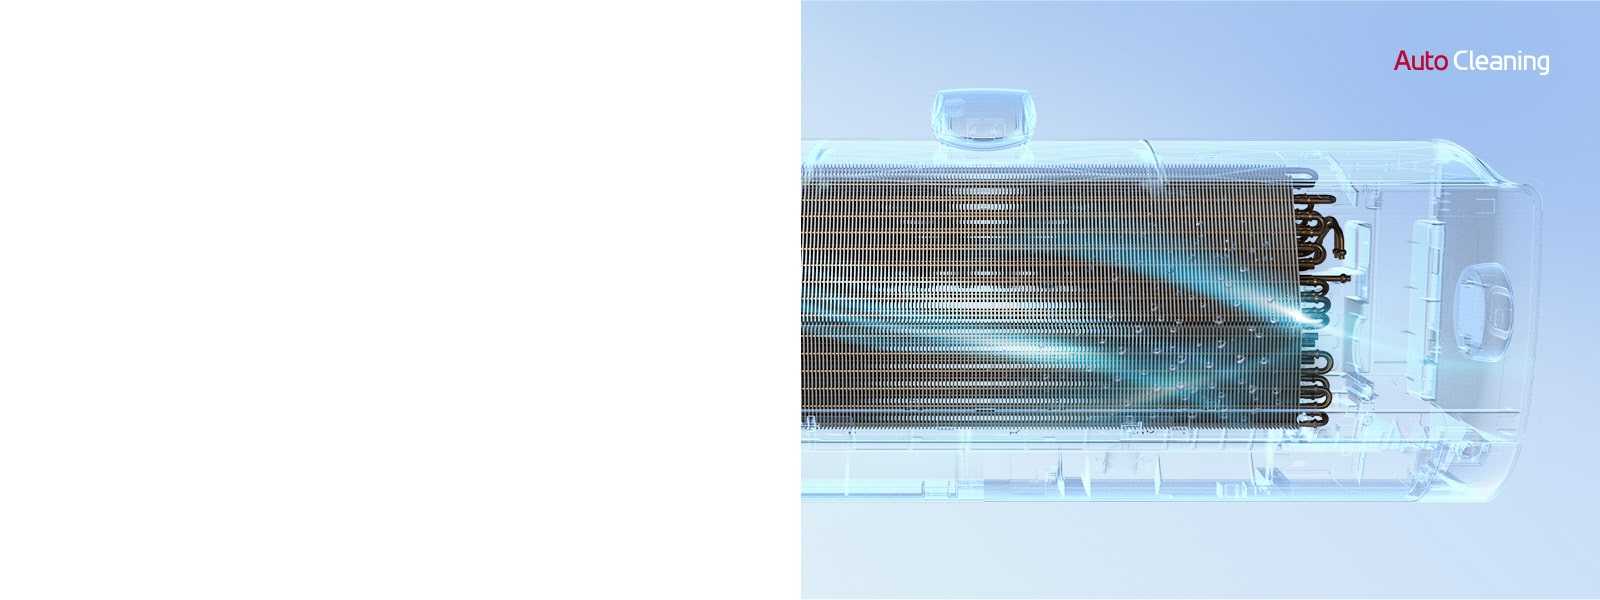 Hình ảnh mặt trước của máy điều hòa không khí LG với bề mặt bên ngoài hoàn toàn vô hình để có thể nhìn thấy hoạt động bên trong máy. Máy đang hoạt động và sau đó là đèn màu xanh lam, cơ chế làm sạch tự động, bật và rửa qua máy bằng ánh sáng màu xanh lam. Logo Làm sạch tự động nằm ở góc trên bên phải.